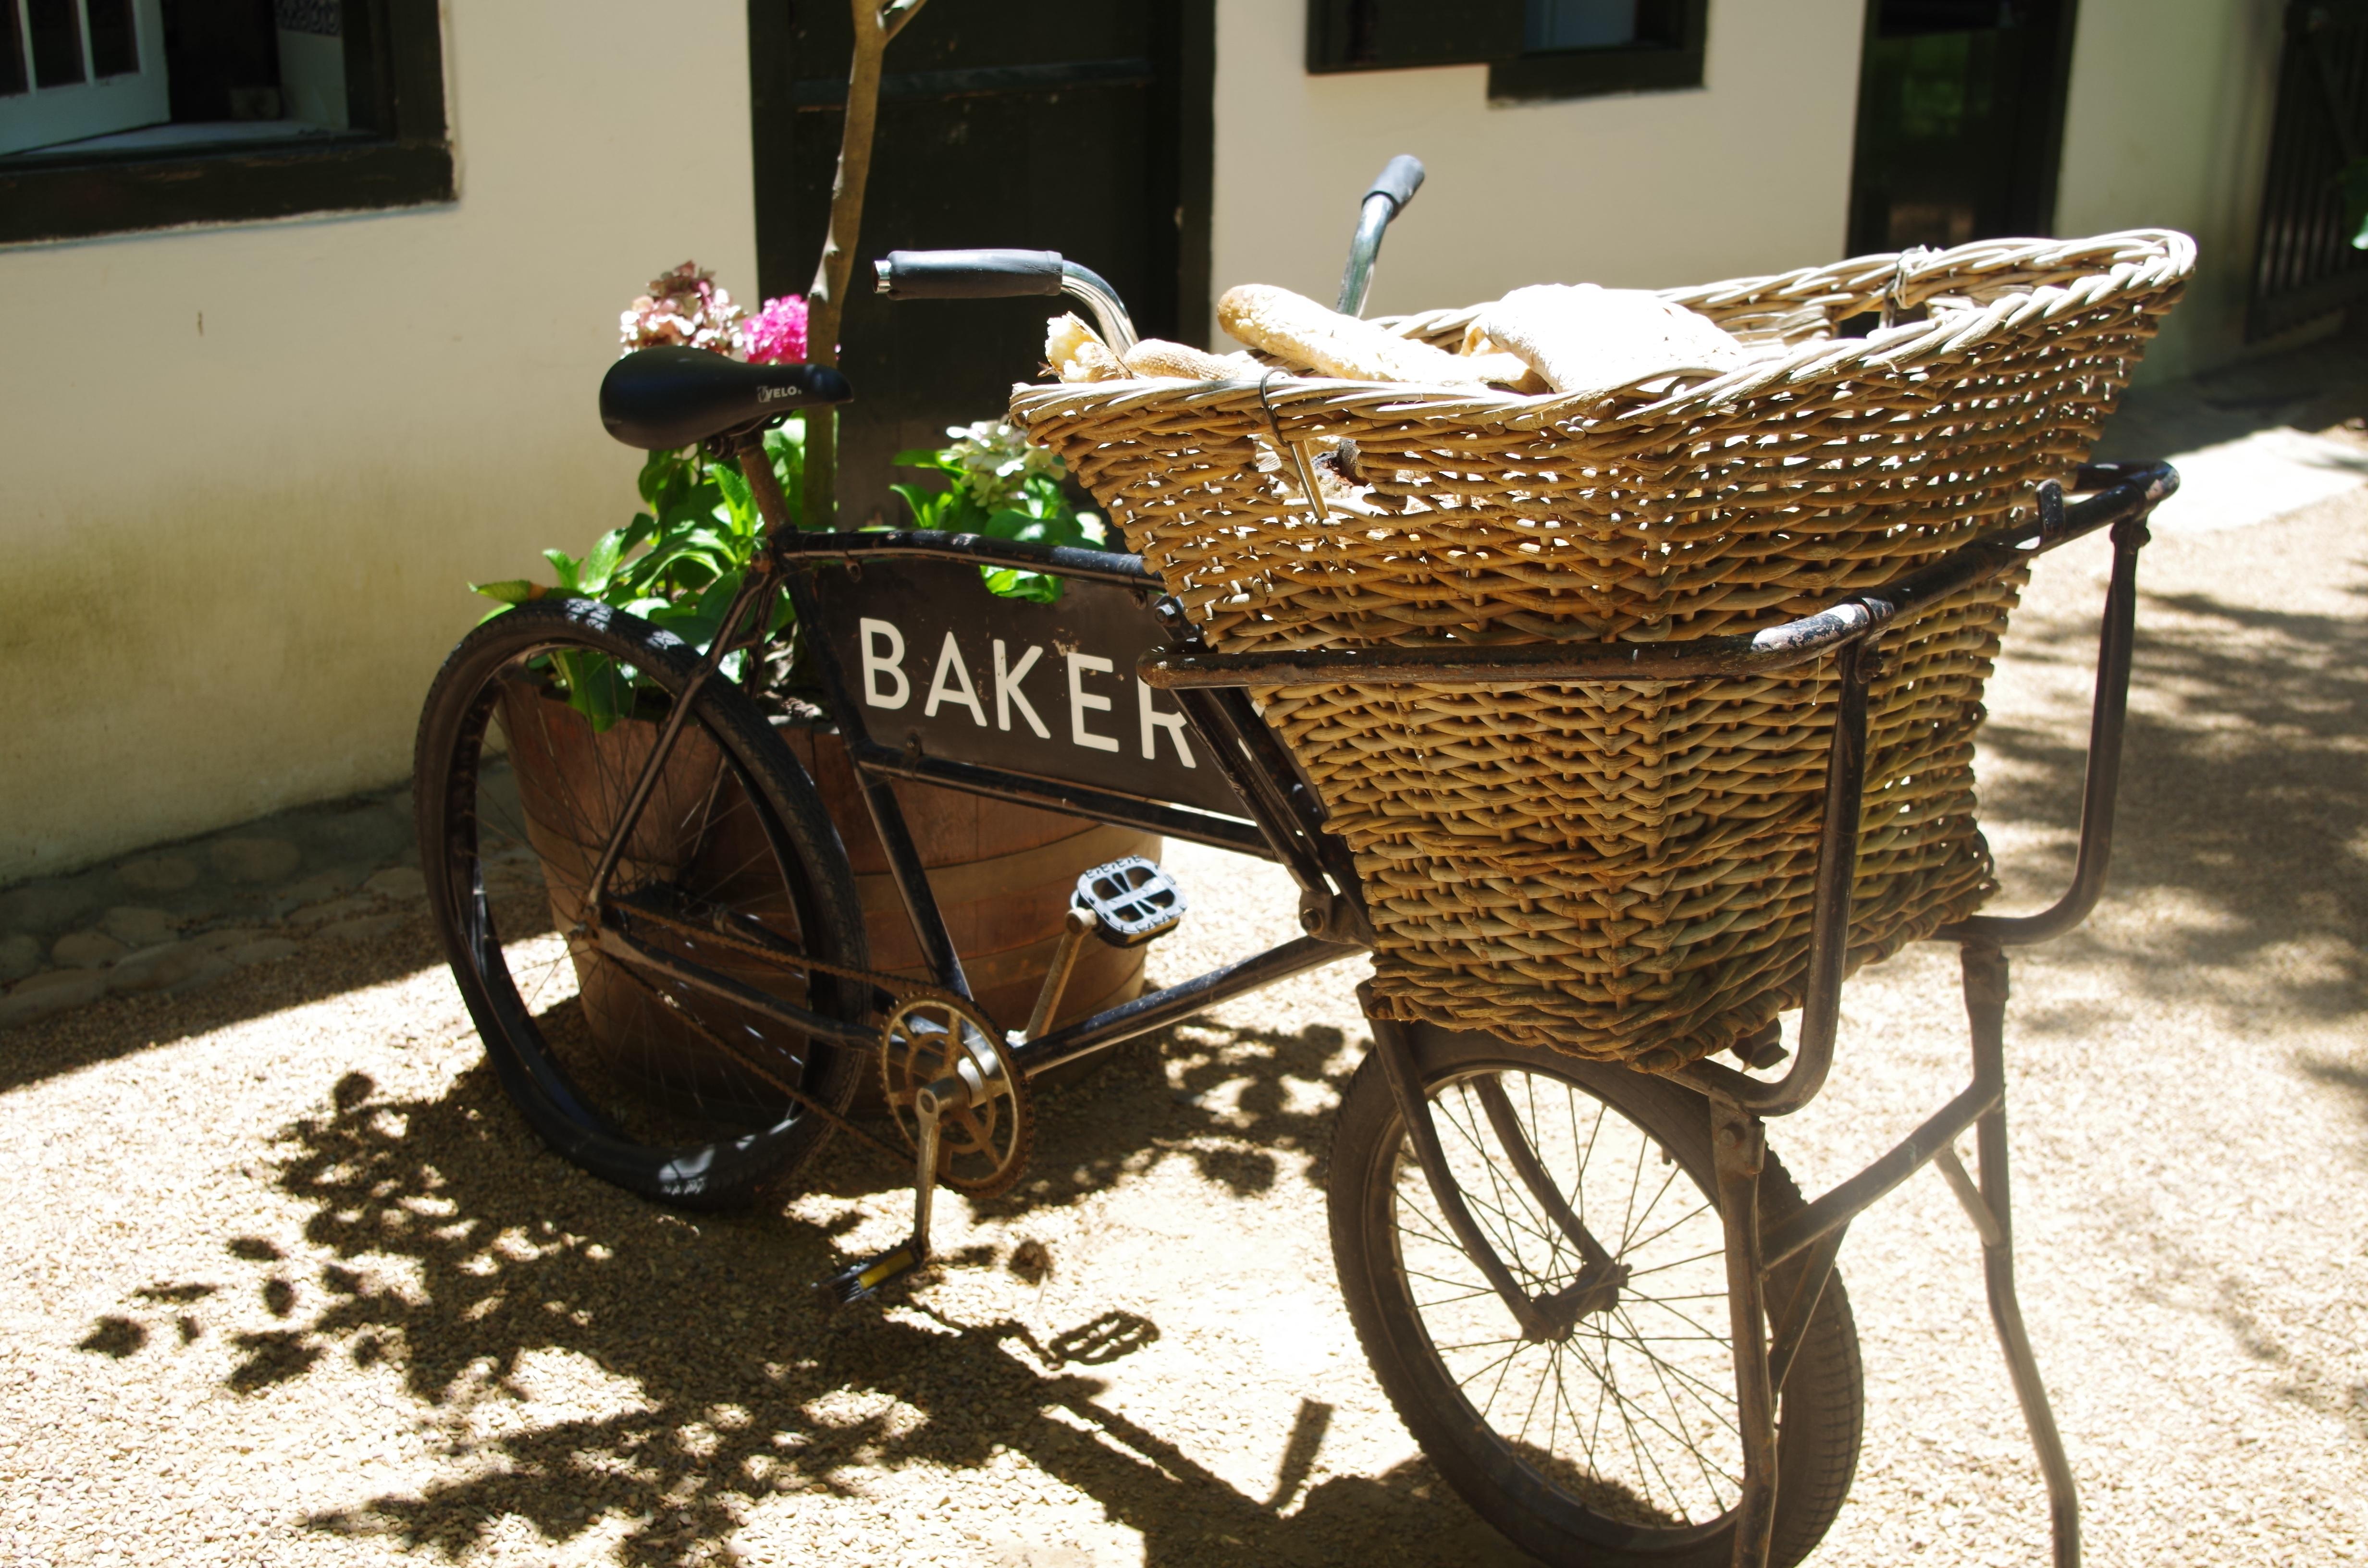 Fotos Gratis Vendimia Rueda Carro Bicicleta Veh 237 Culo